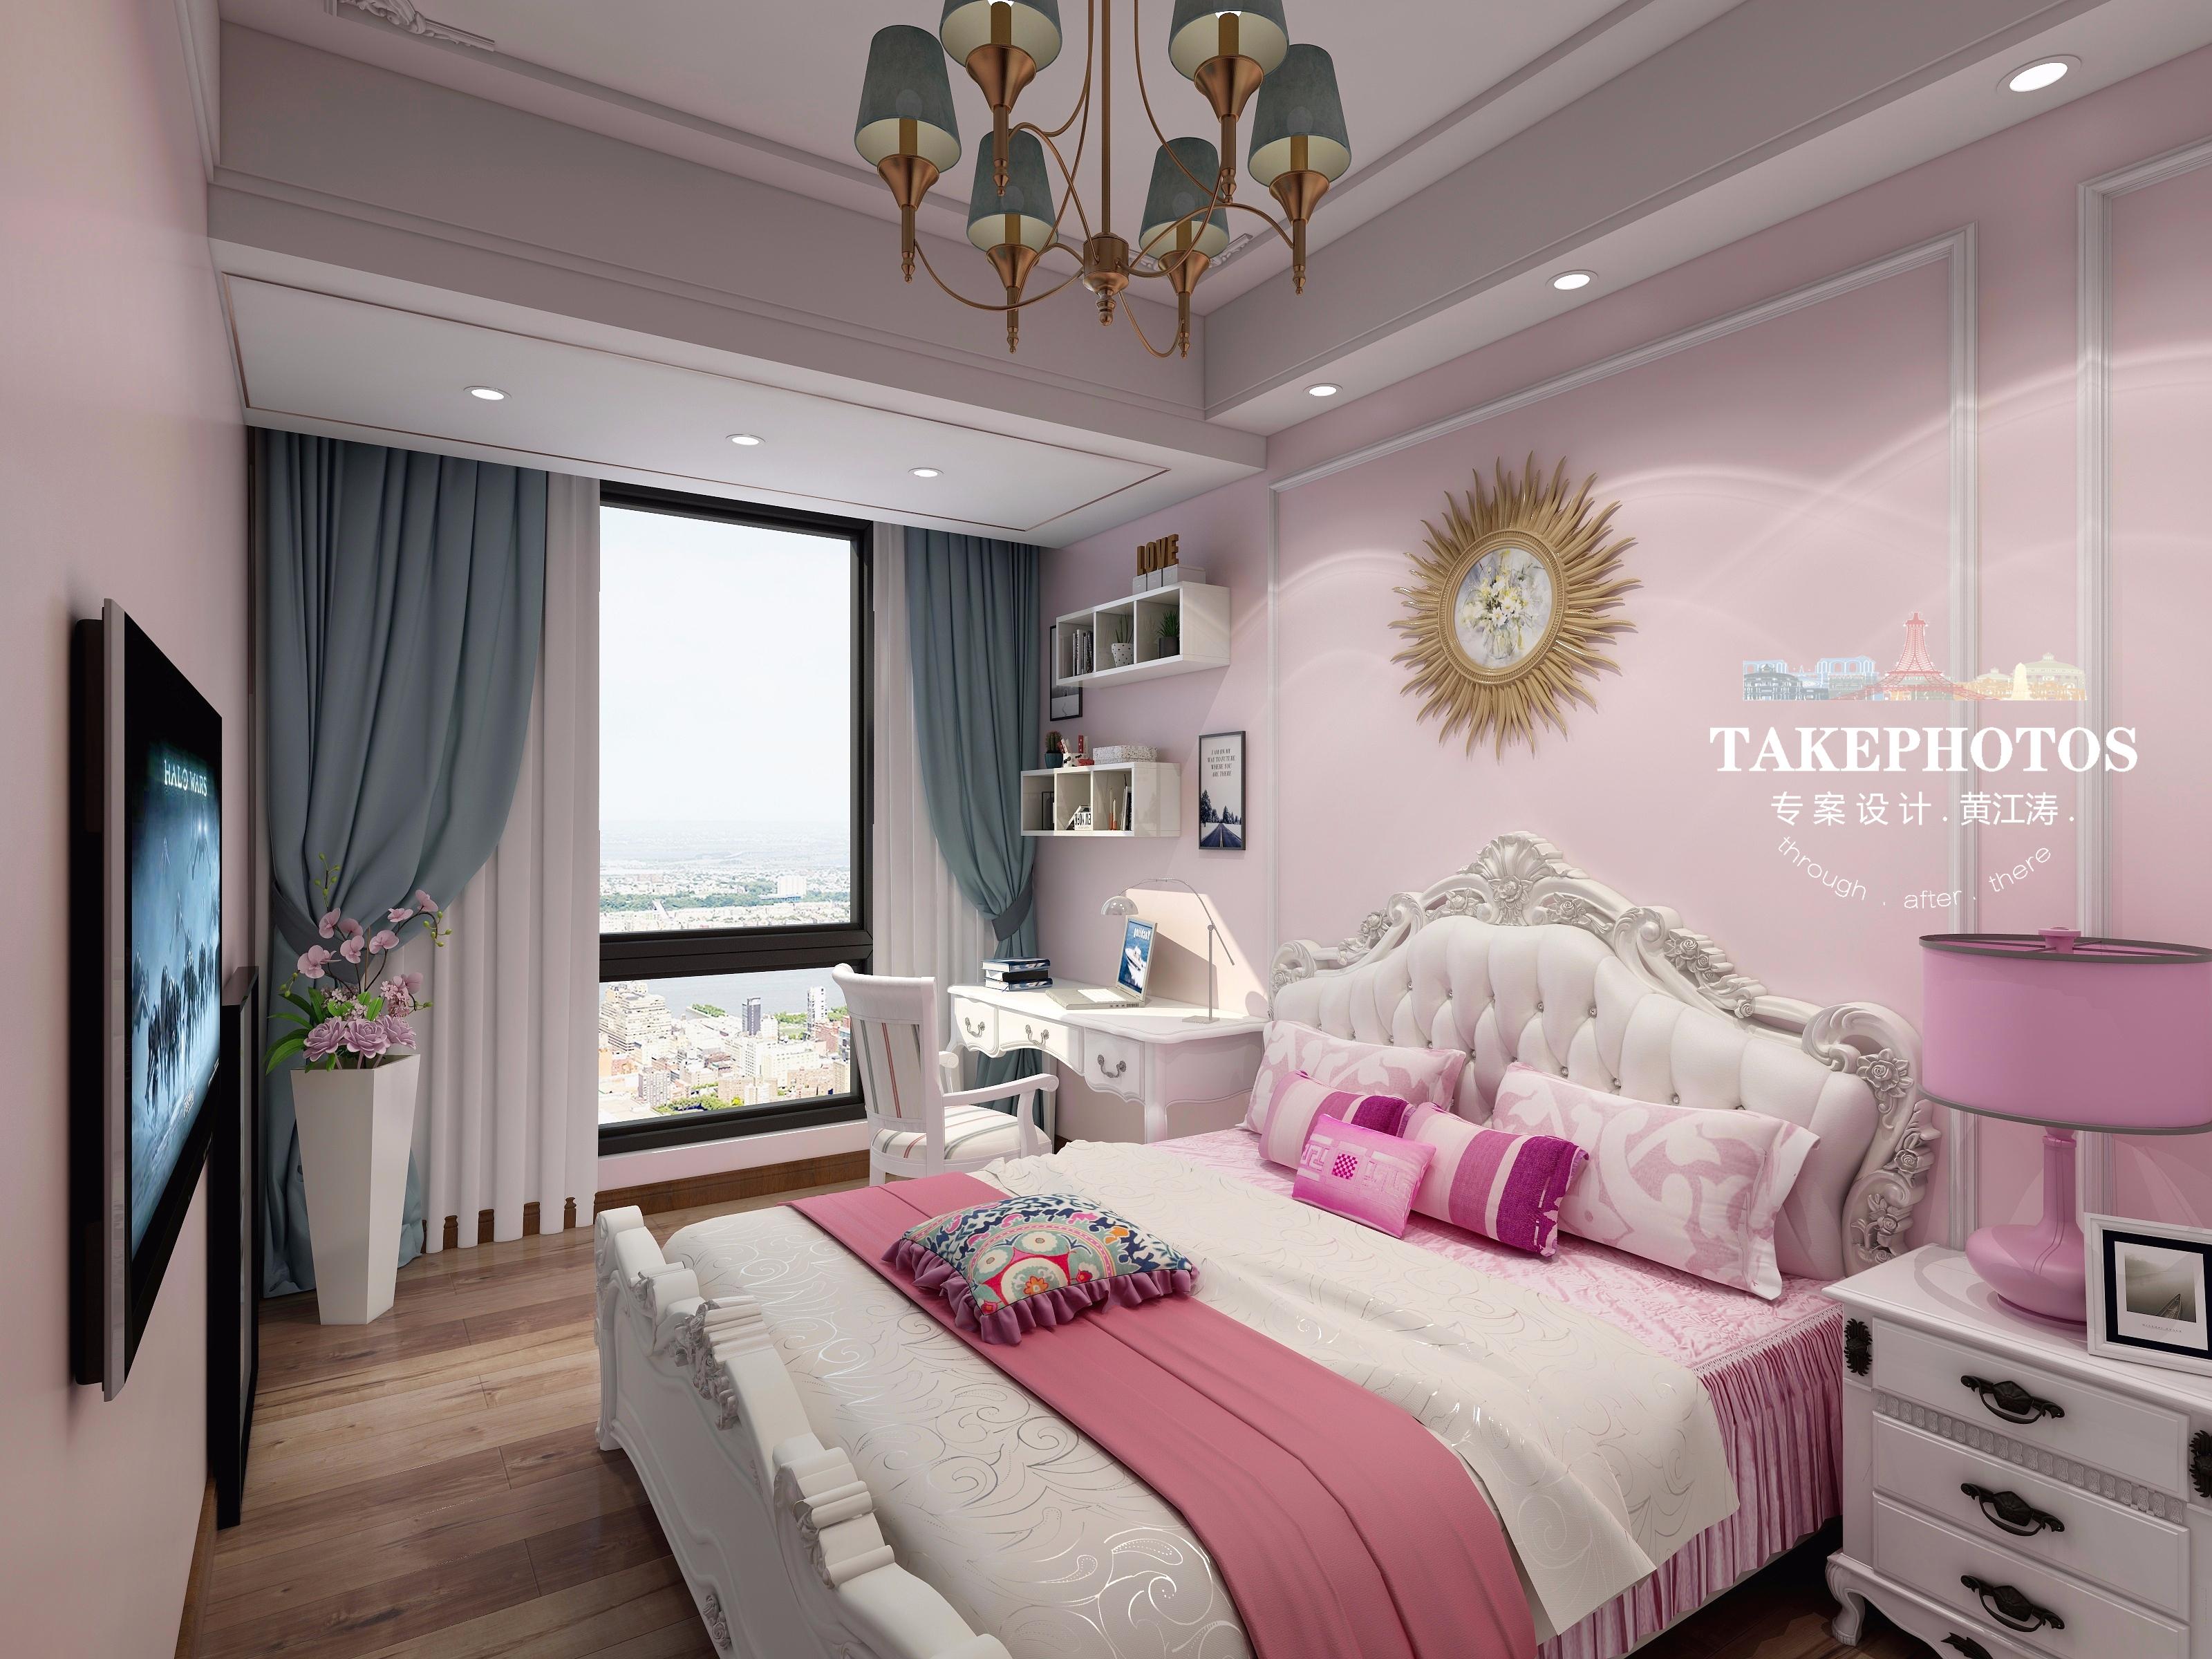 粉色调欧式风卧室装修效果图